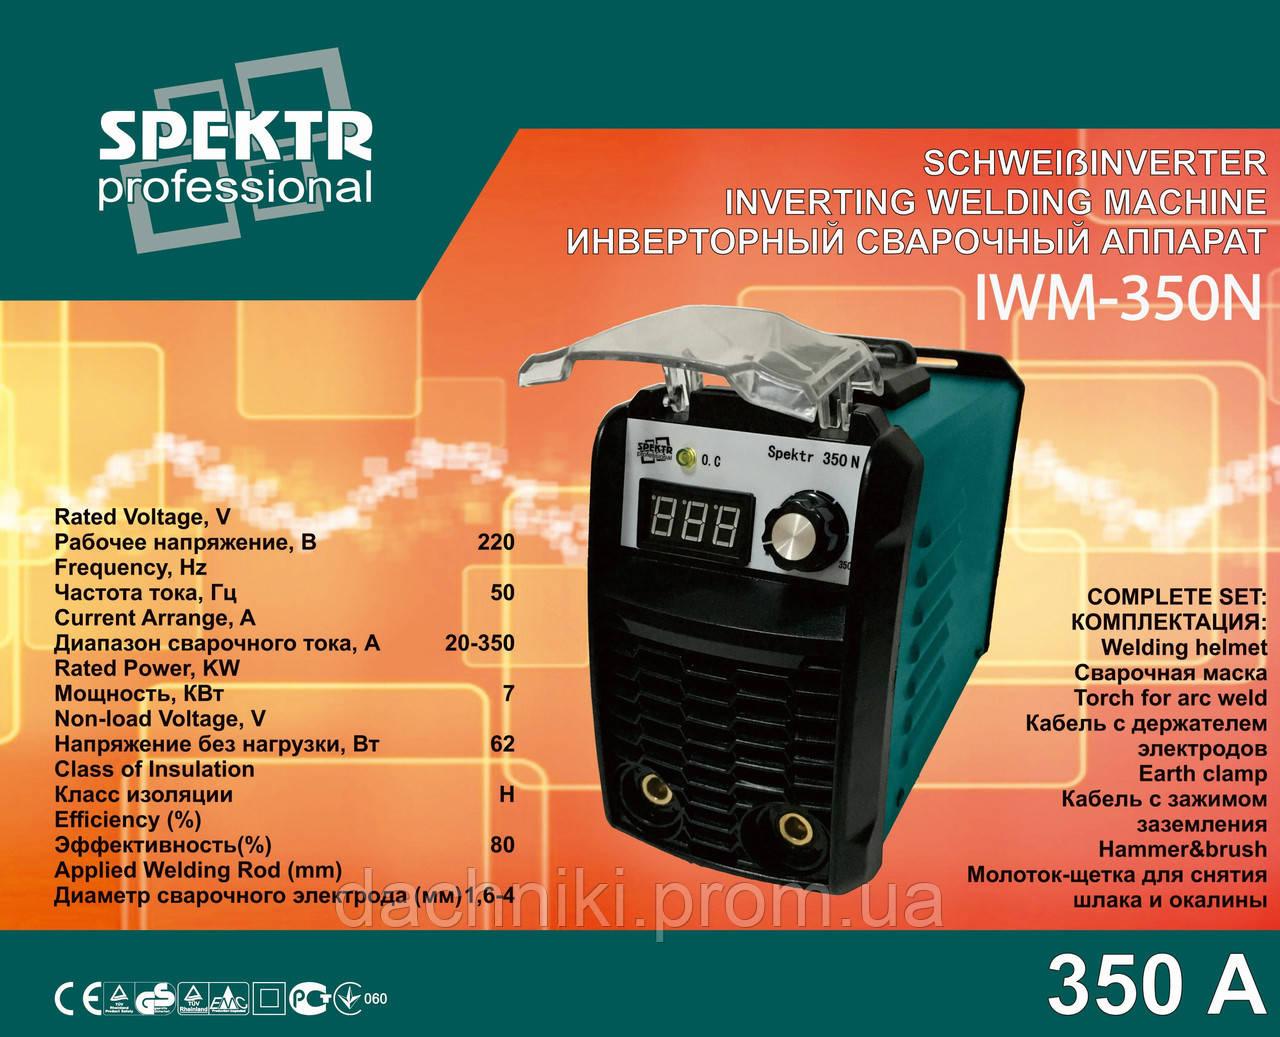 Сварочный инвертор Spektr IWM 350